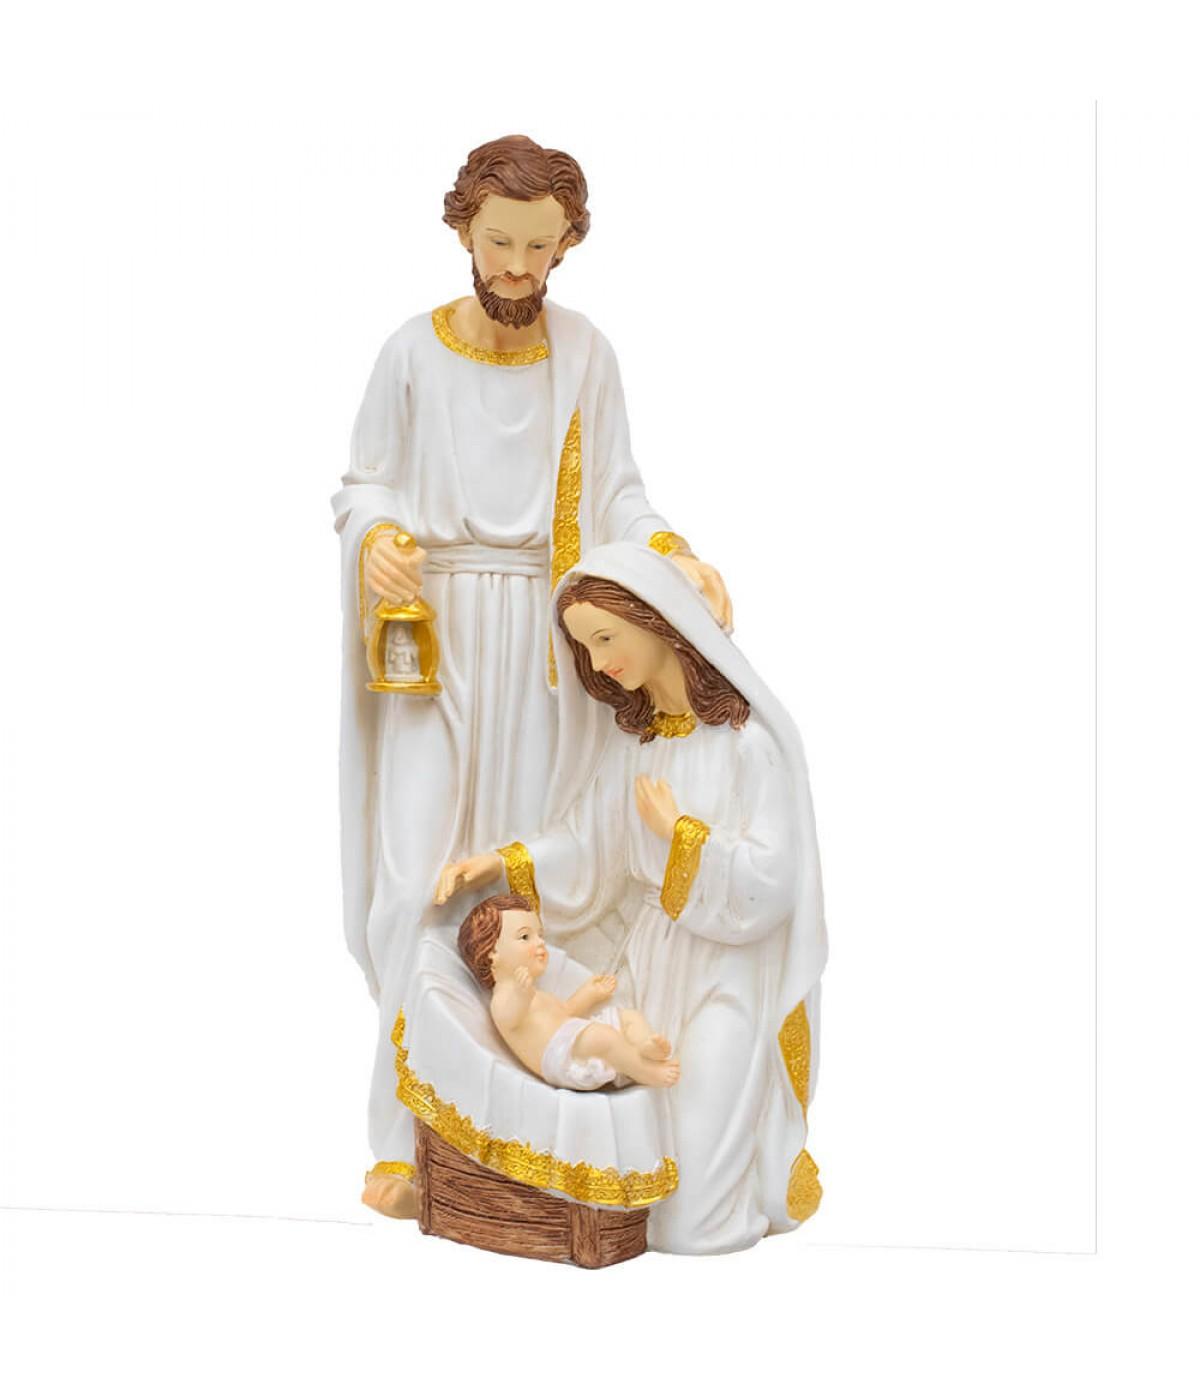 Presépio Sagrada Família 39cm - Enfeite Resina